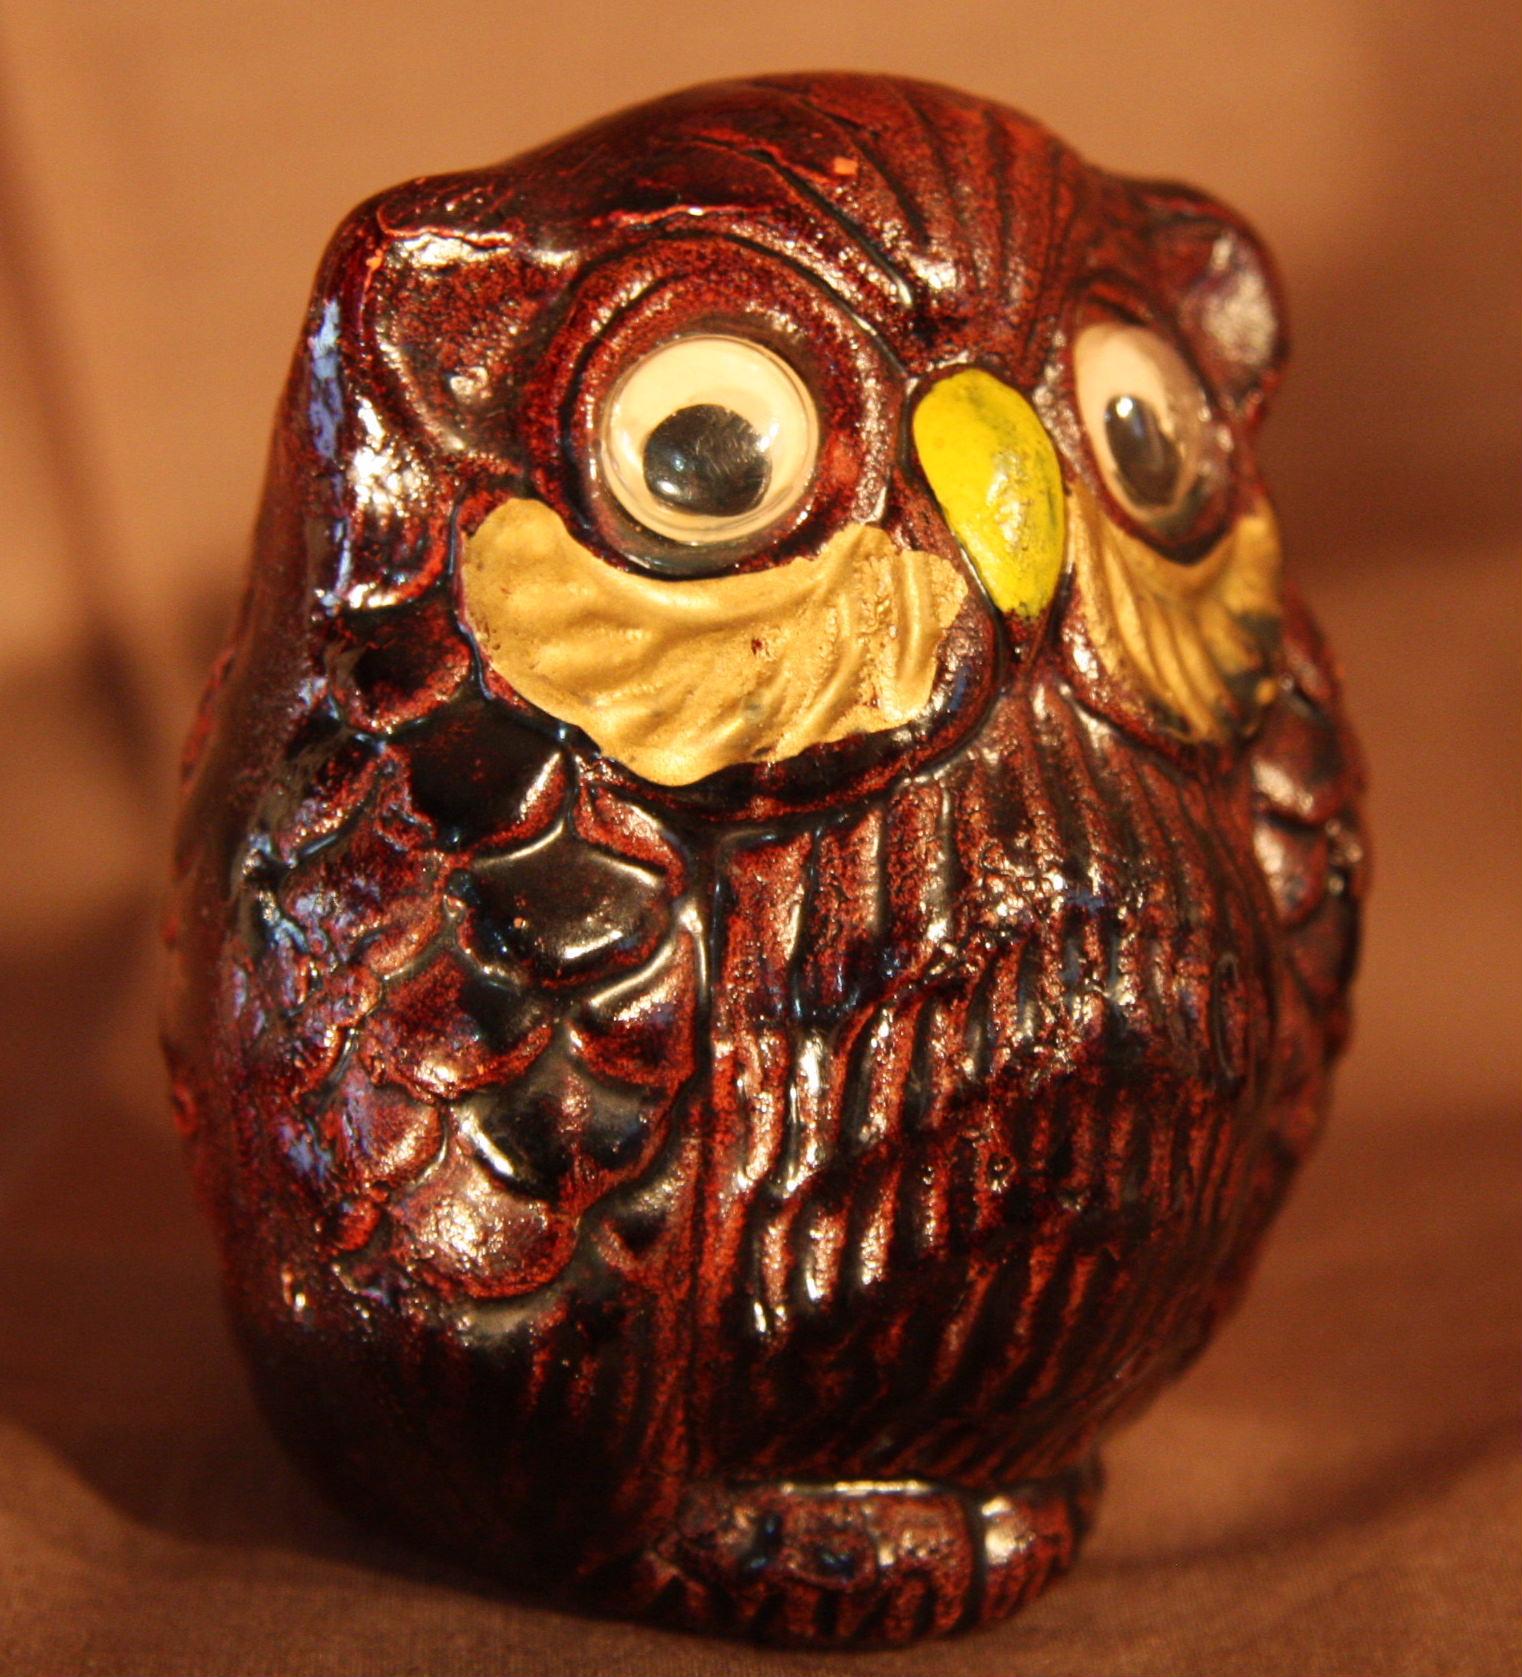 フクロウ 陶器製 1950~1960年代くらい?笛 【AJ1093】